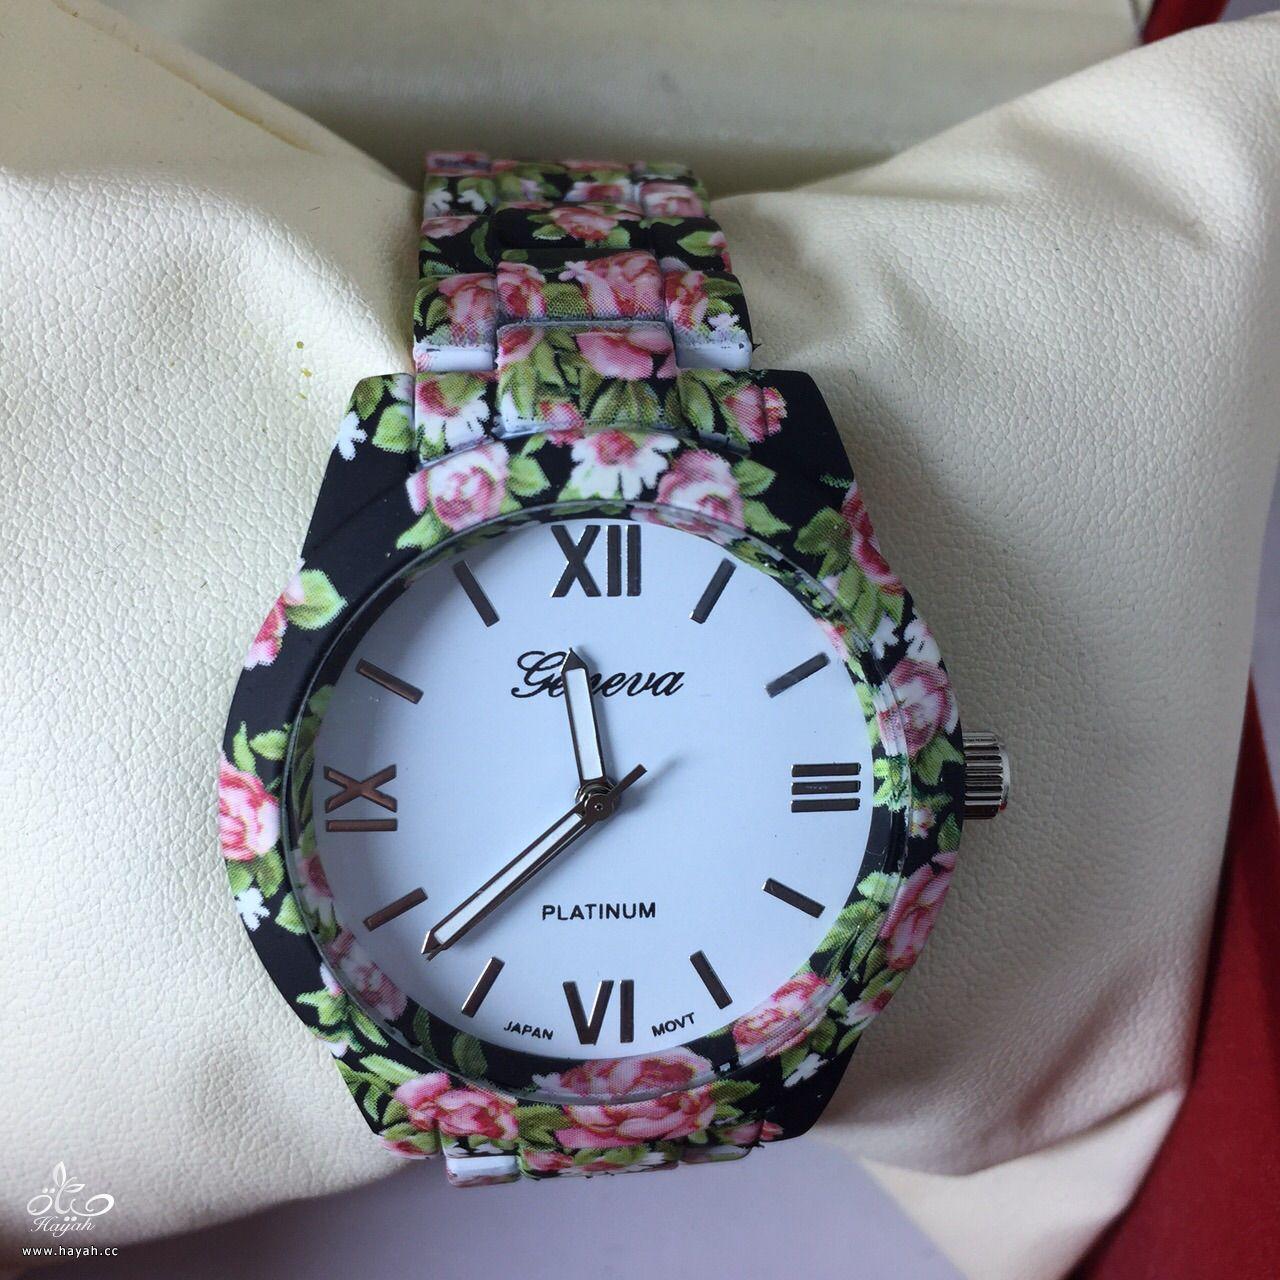 جديد ساعات جينفا بسعر راائع hayahcc_1427841025_328.jpg